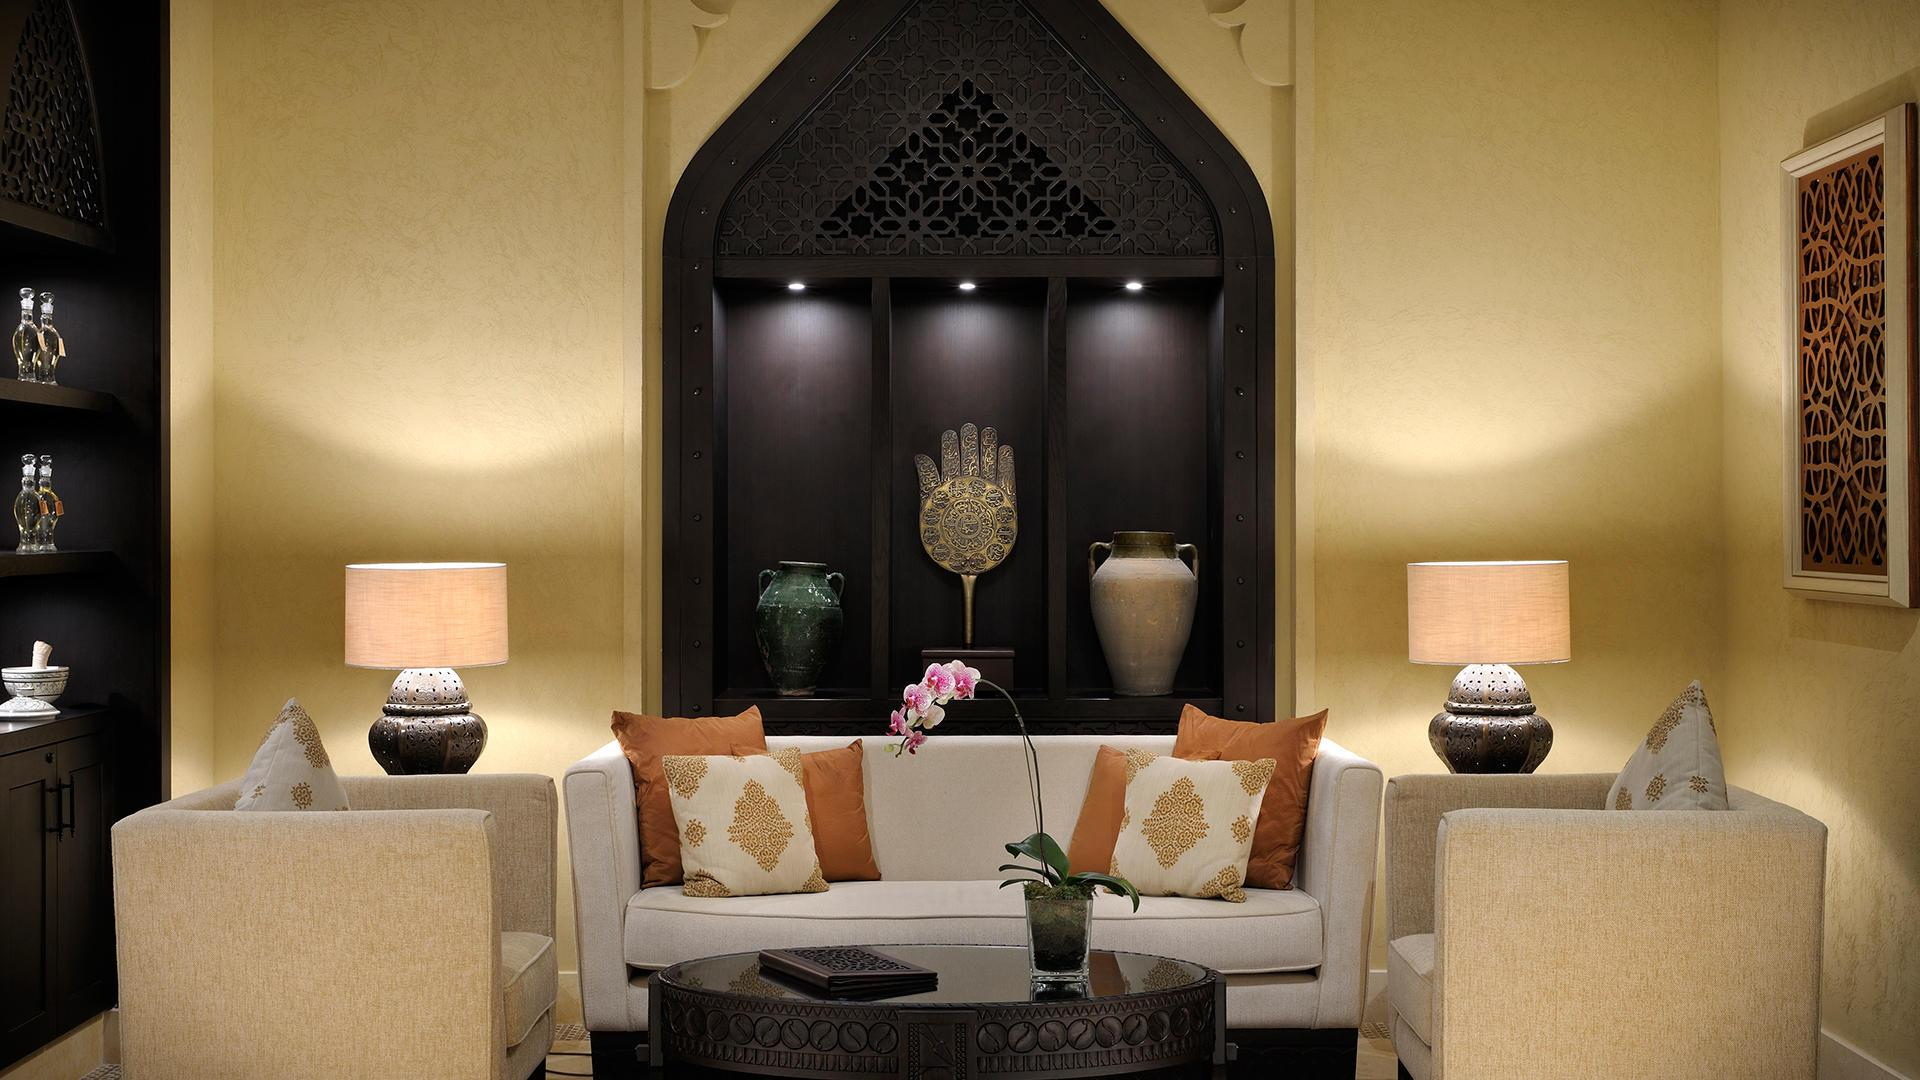 ❶ Дизайн интерьера в арабском стиле